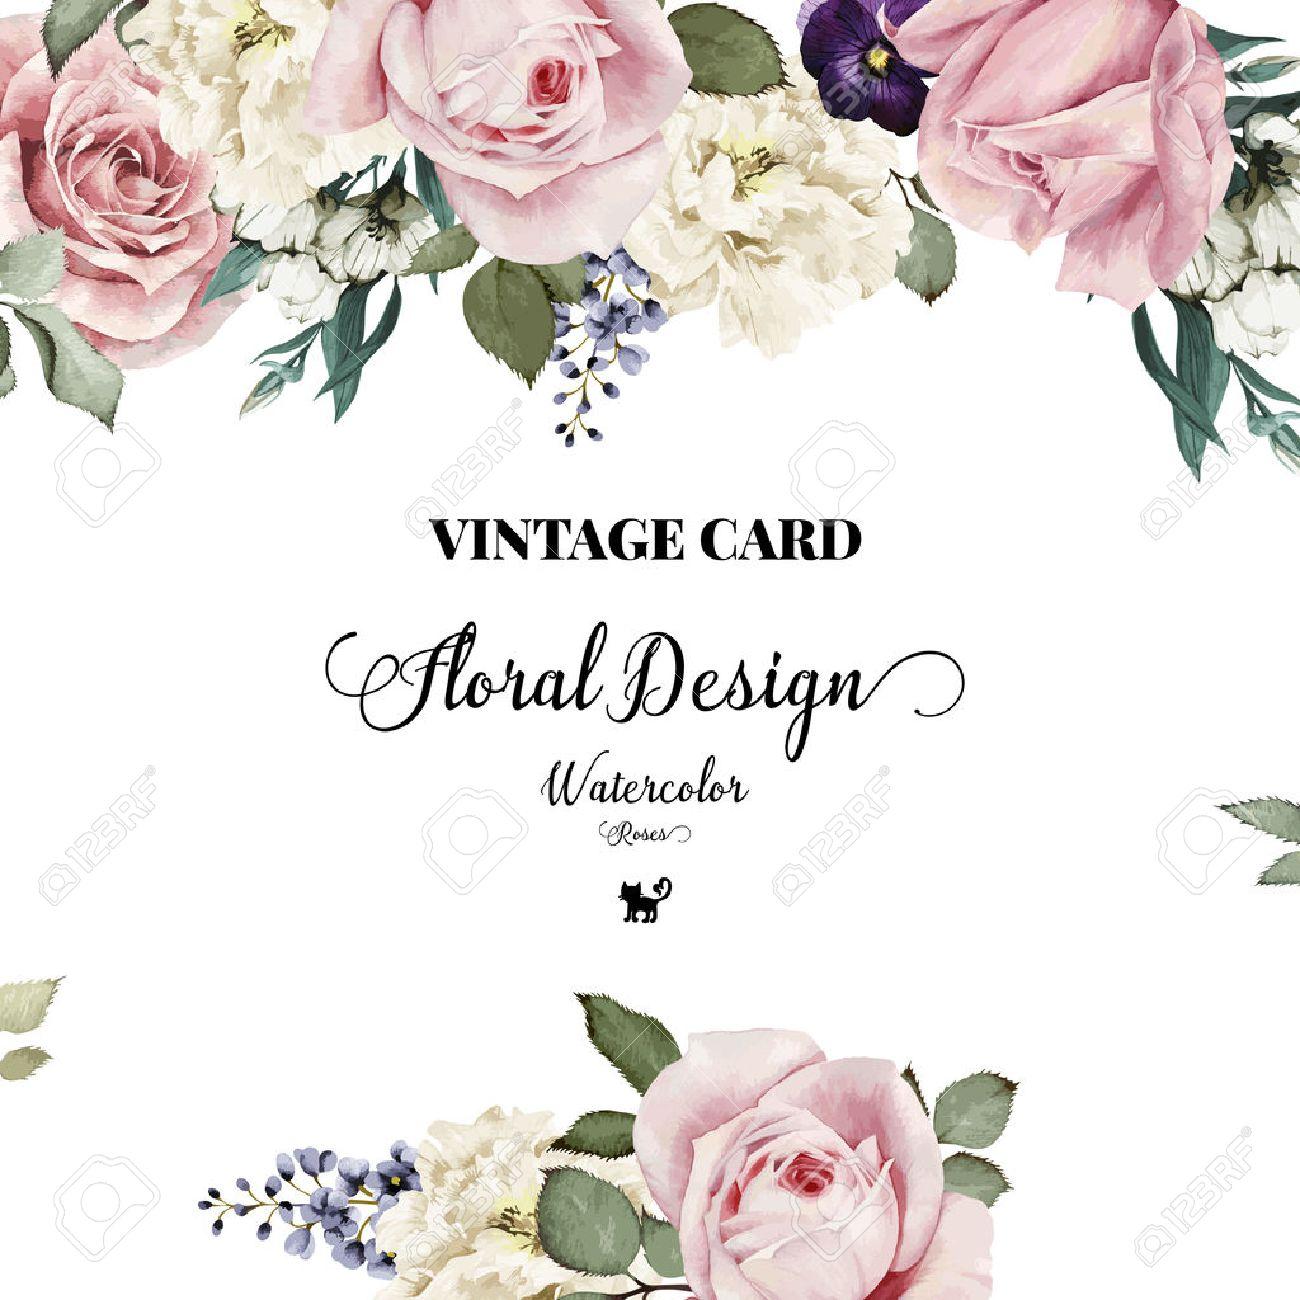 Einladungskarten Hochzeit Rosen – thegirlsroom.co - Einladungskarten Hochzeit Rosen